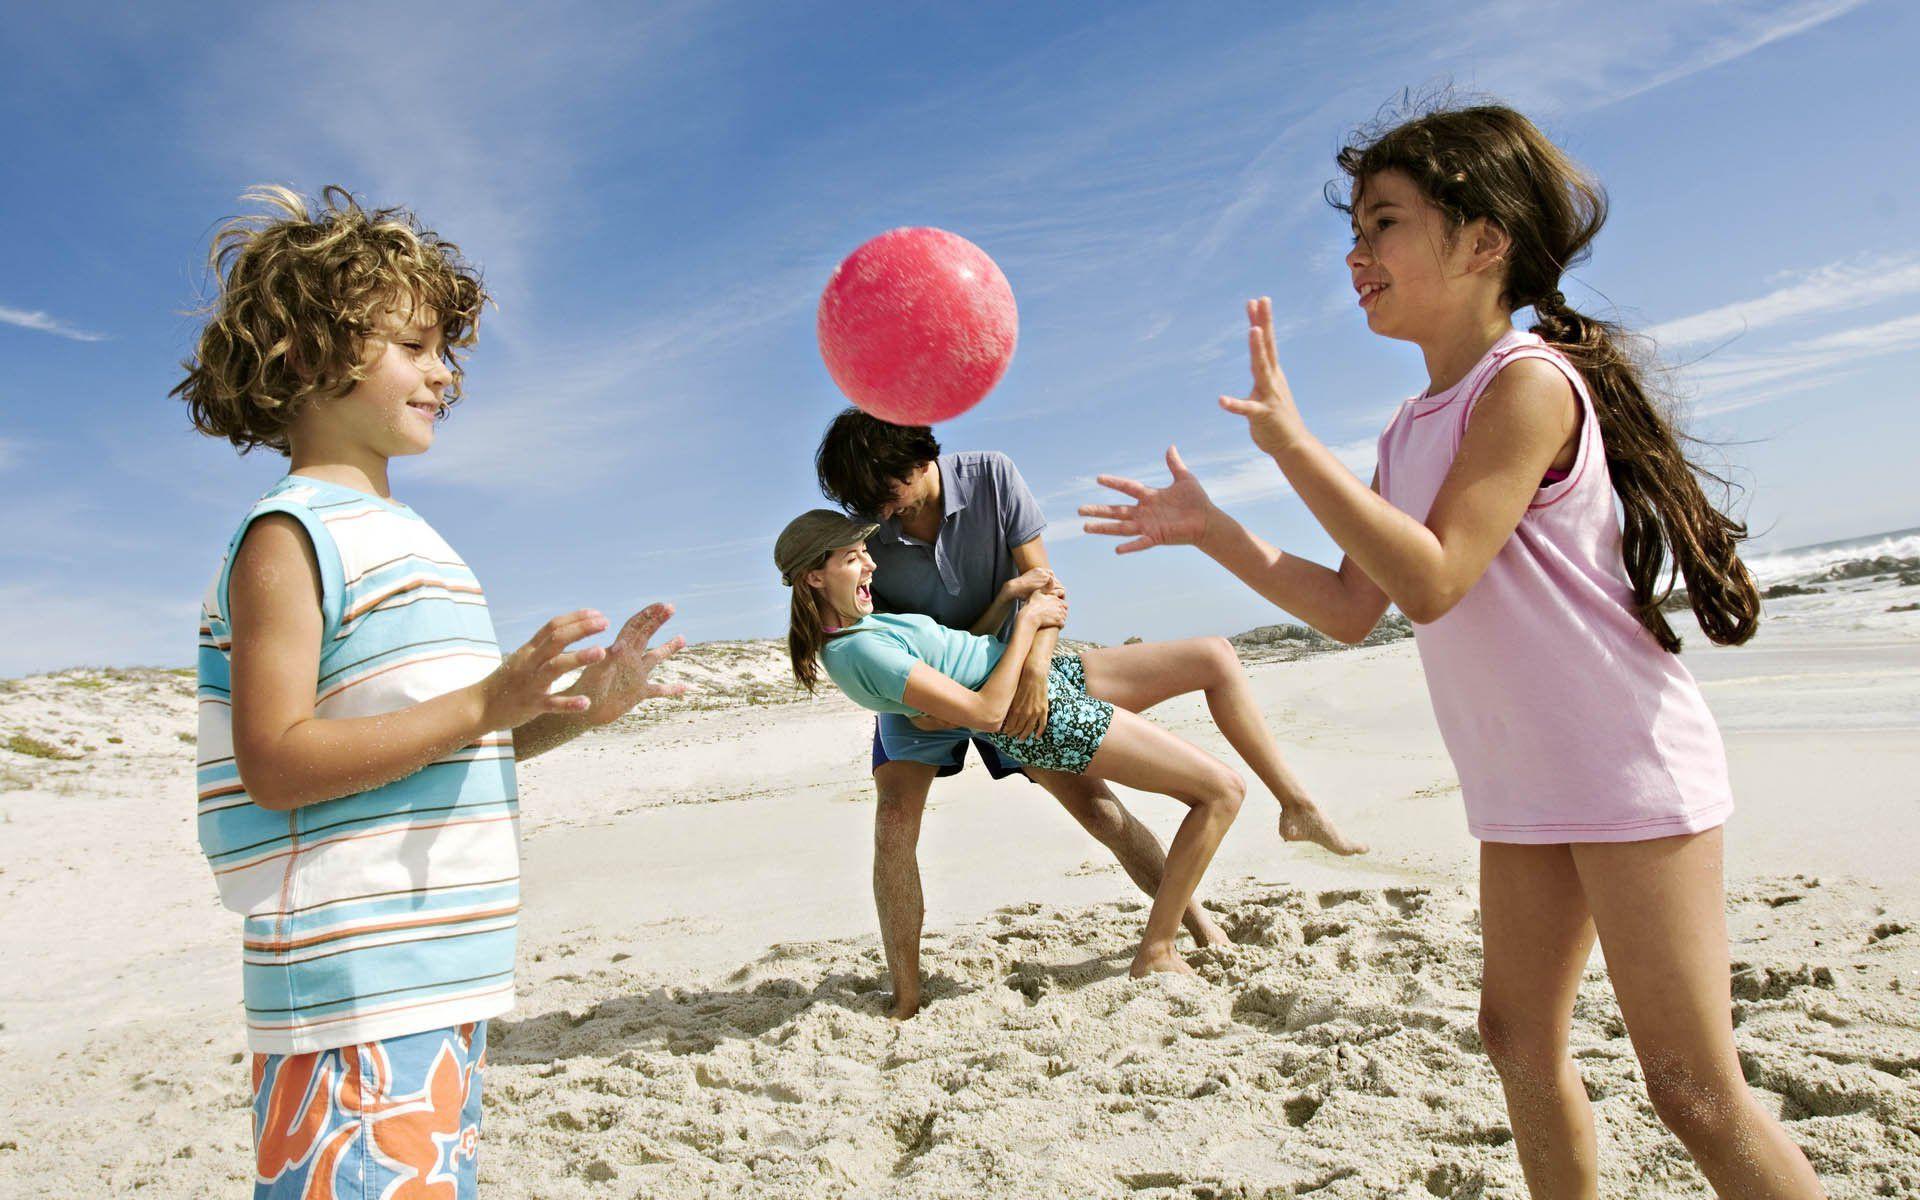 Фото нудистов на пляже и в других местах фото 326-449